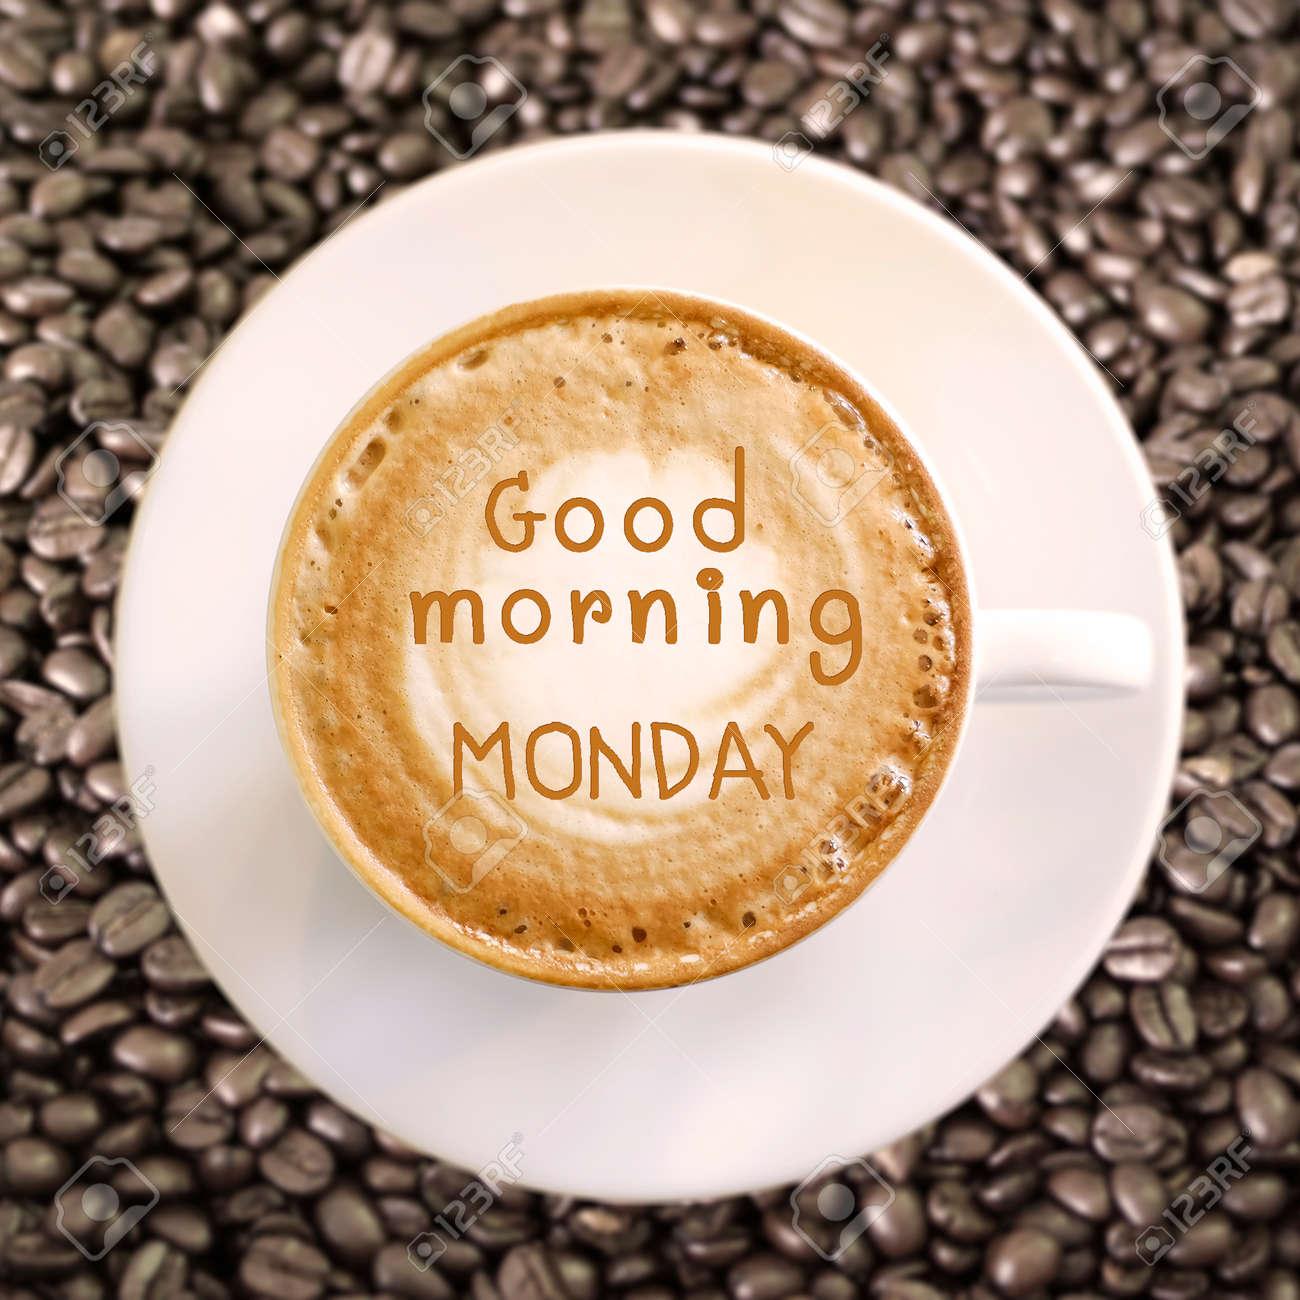 Guten Morgen Montag Kaffee Guten Morgen Montag 2019 10 24